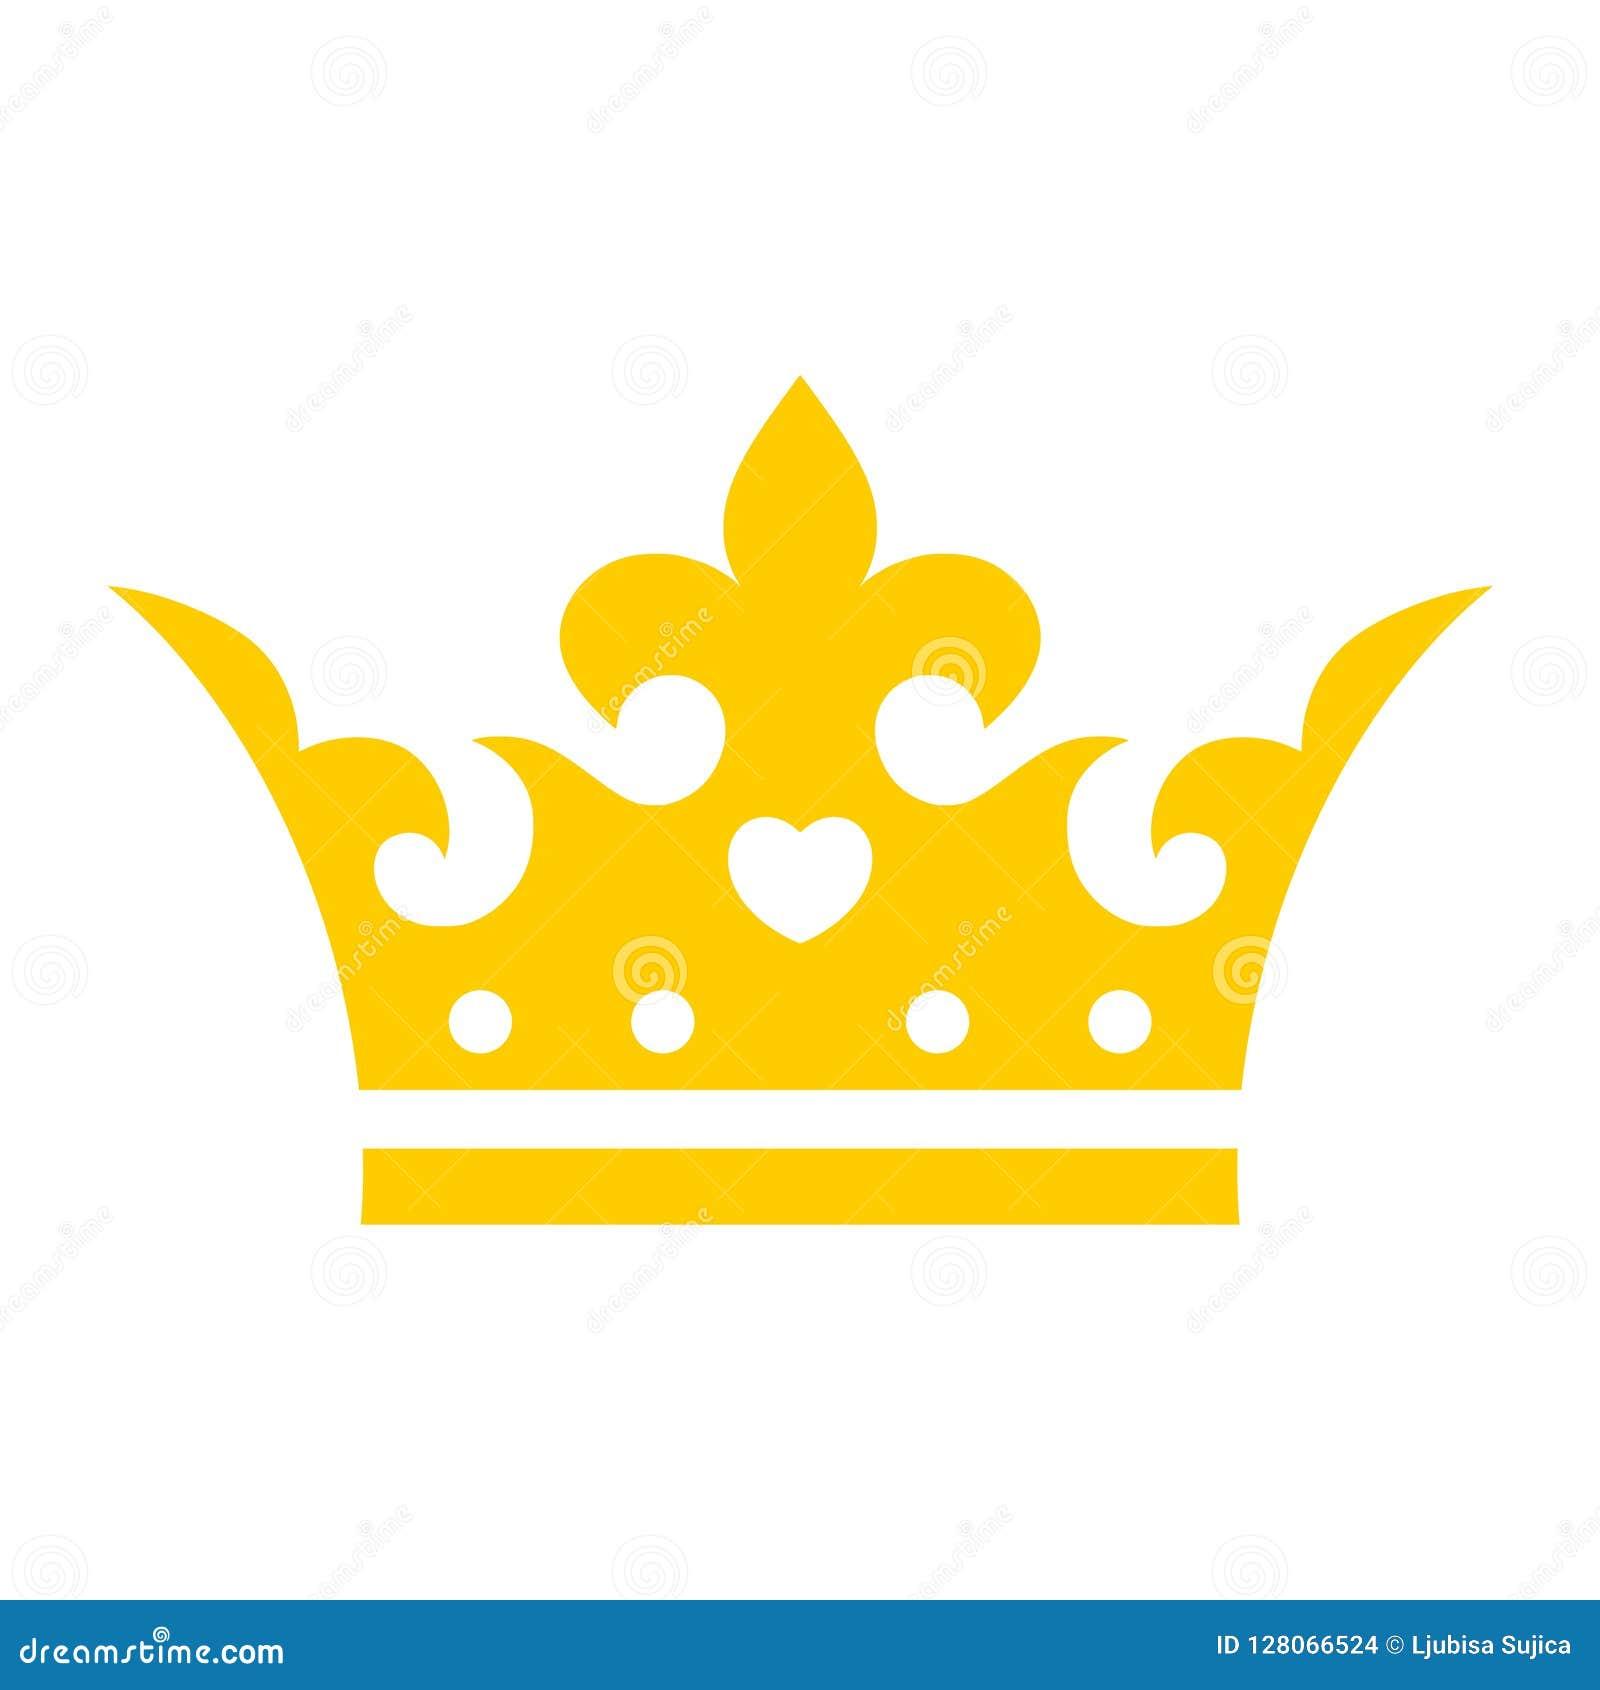 Gold crown icon, Crown logo